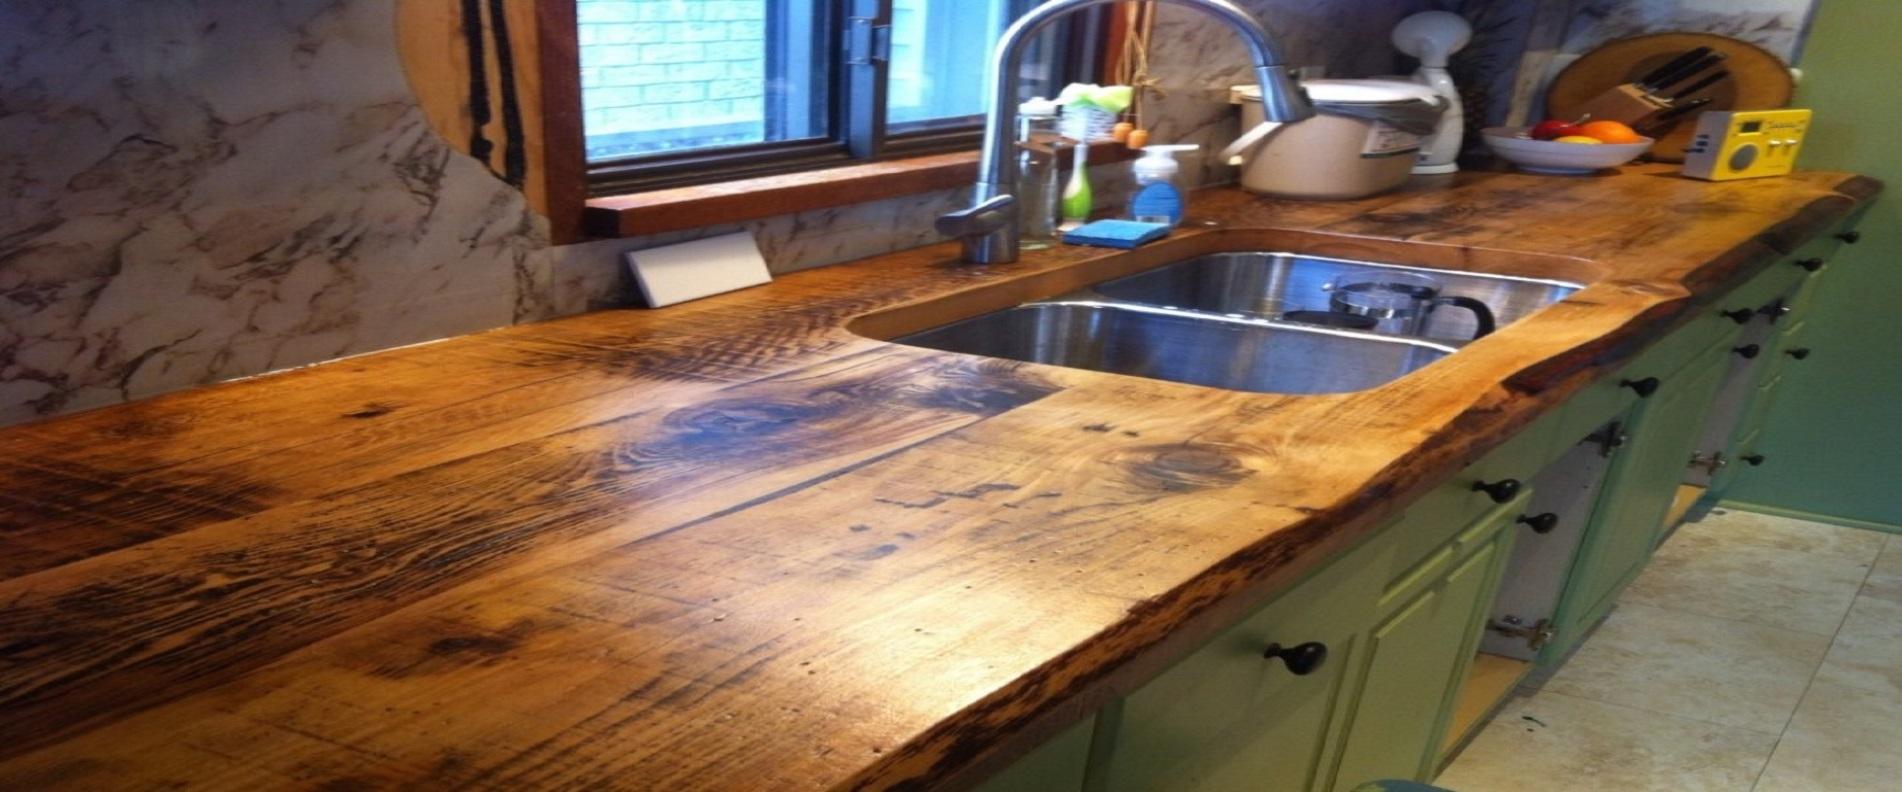 מטבח כמעט חינם משטח עבודה מעץ